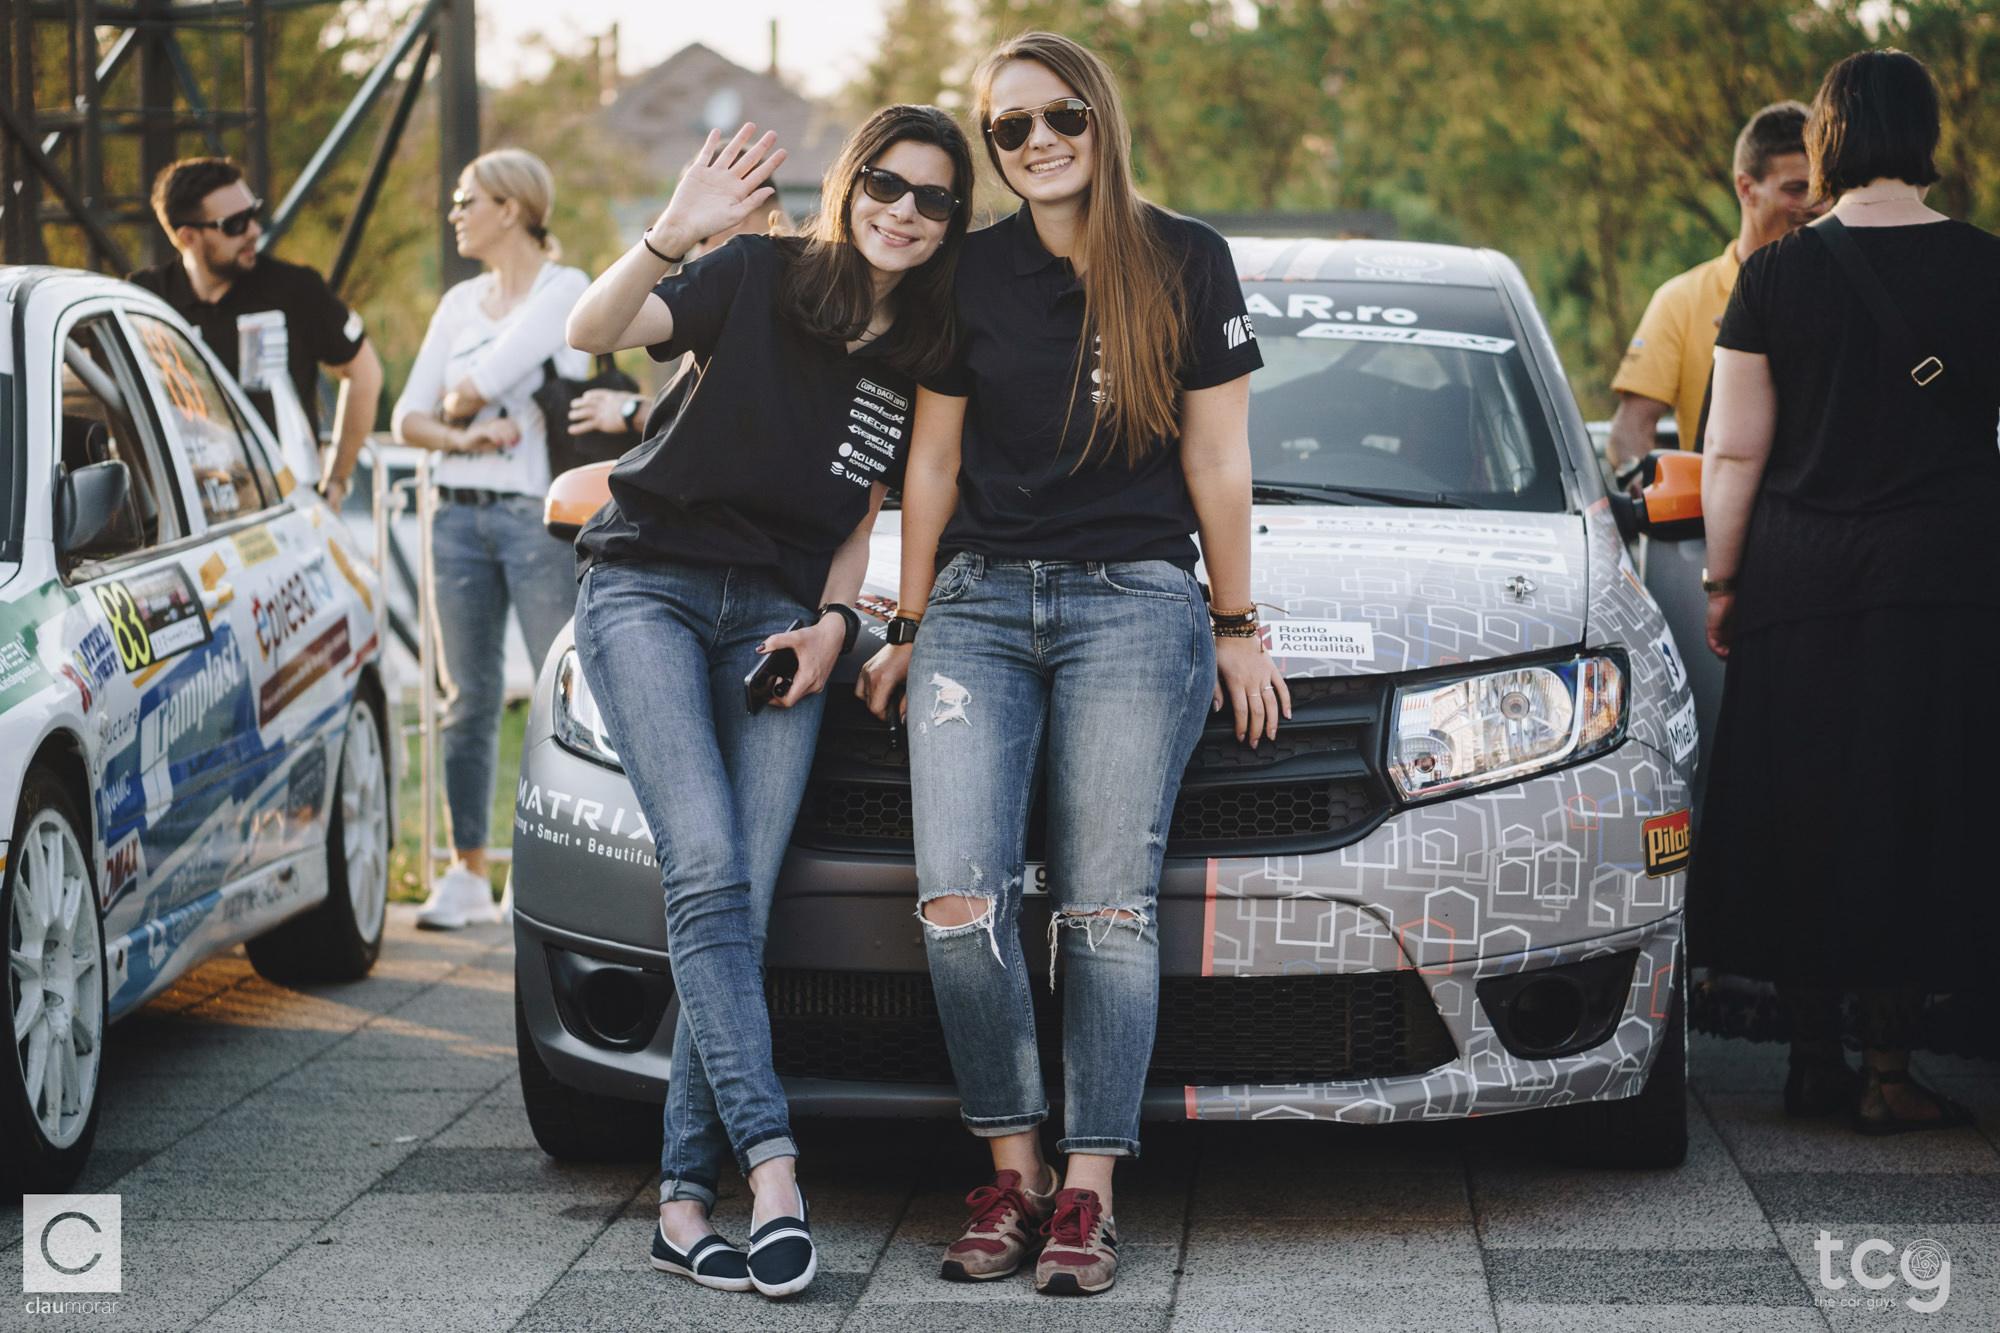 C. Oprea/ D. Hațegan, echipajul feminin romanesc care va participa la Sliven Rally